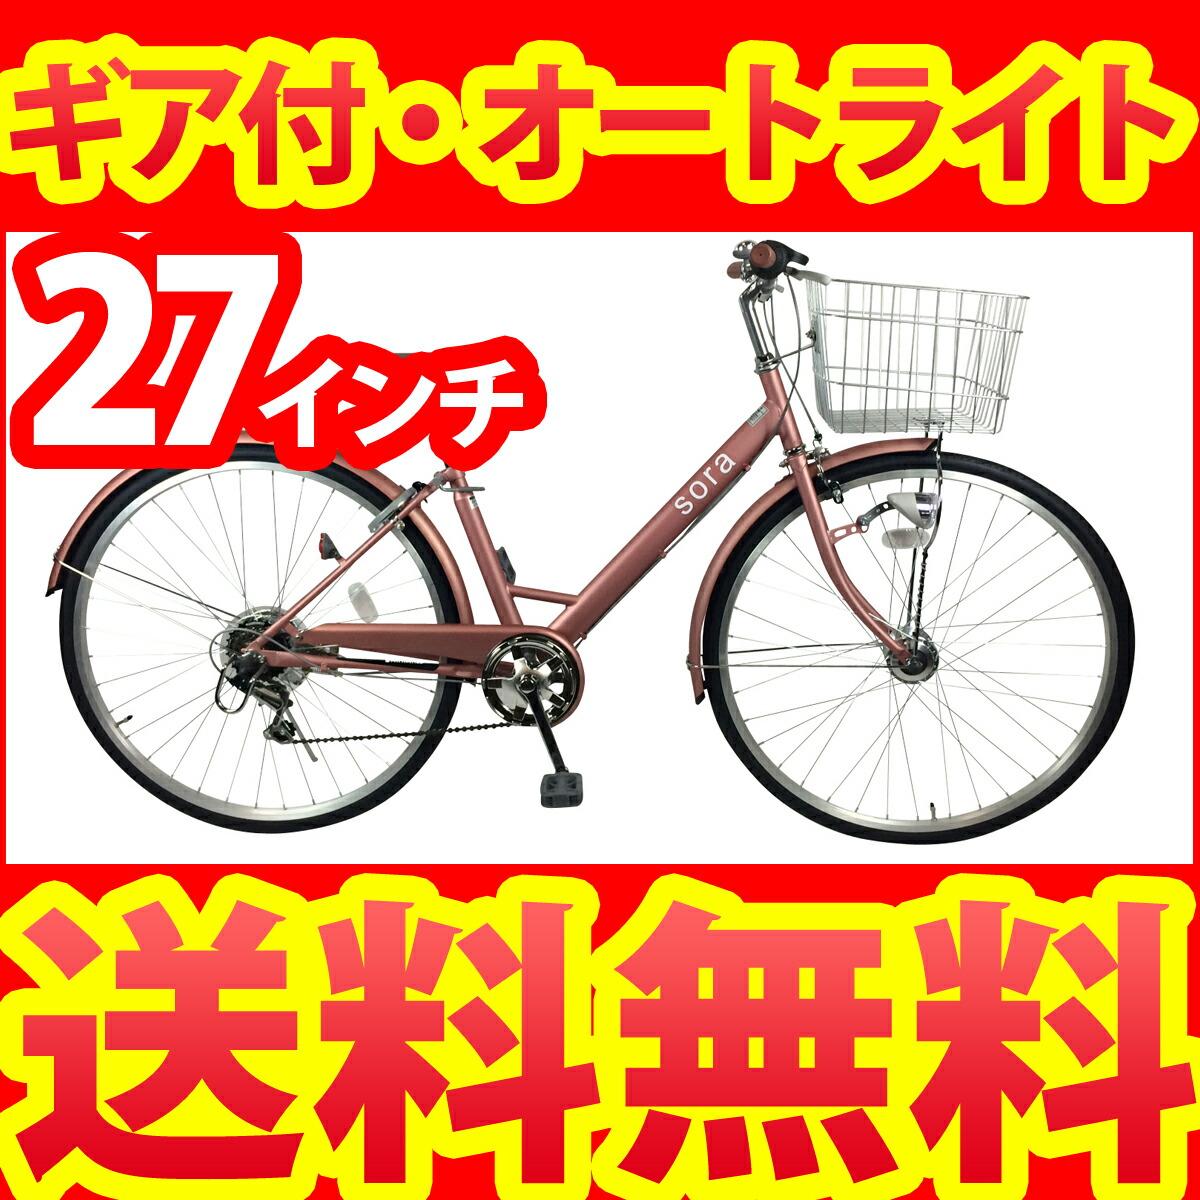 2台セット販売自転車なフレームが人気 sora ソラ シティサイクル ピンク/桃色 通勤 通学に最適なママチャリ 27インチ シティ車 外装6段ギア 自転車 オートライト デザインVフレーム自転車なママチャリ